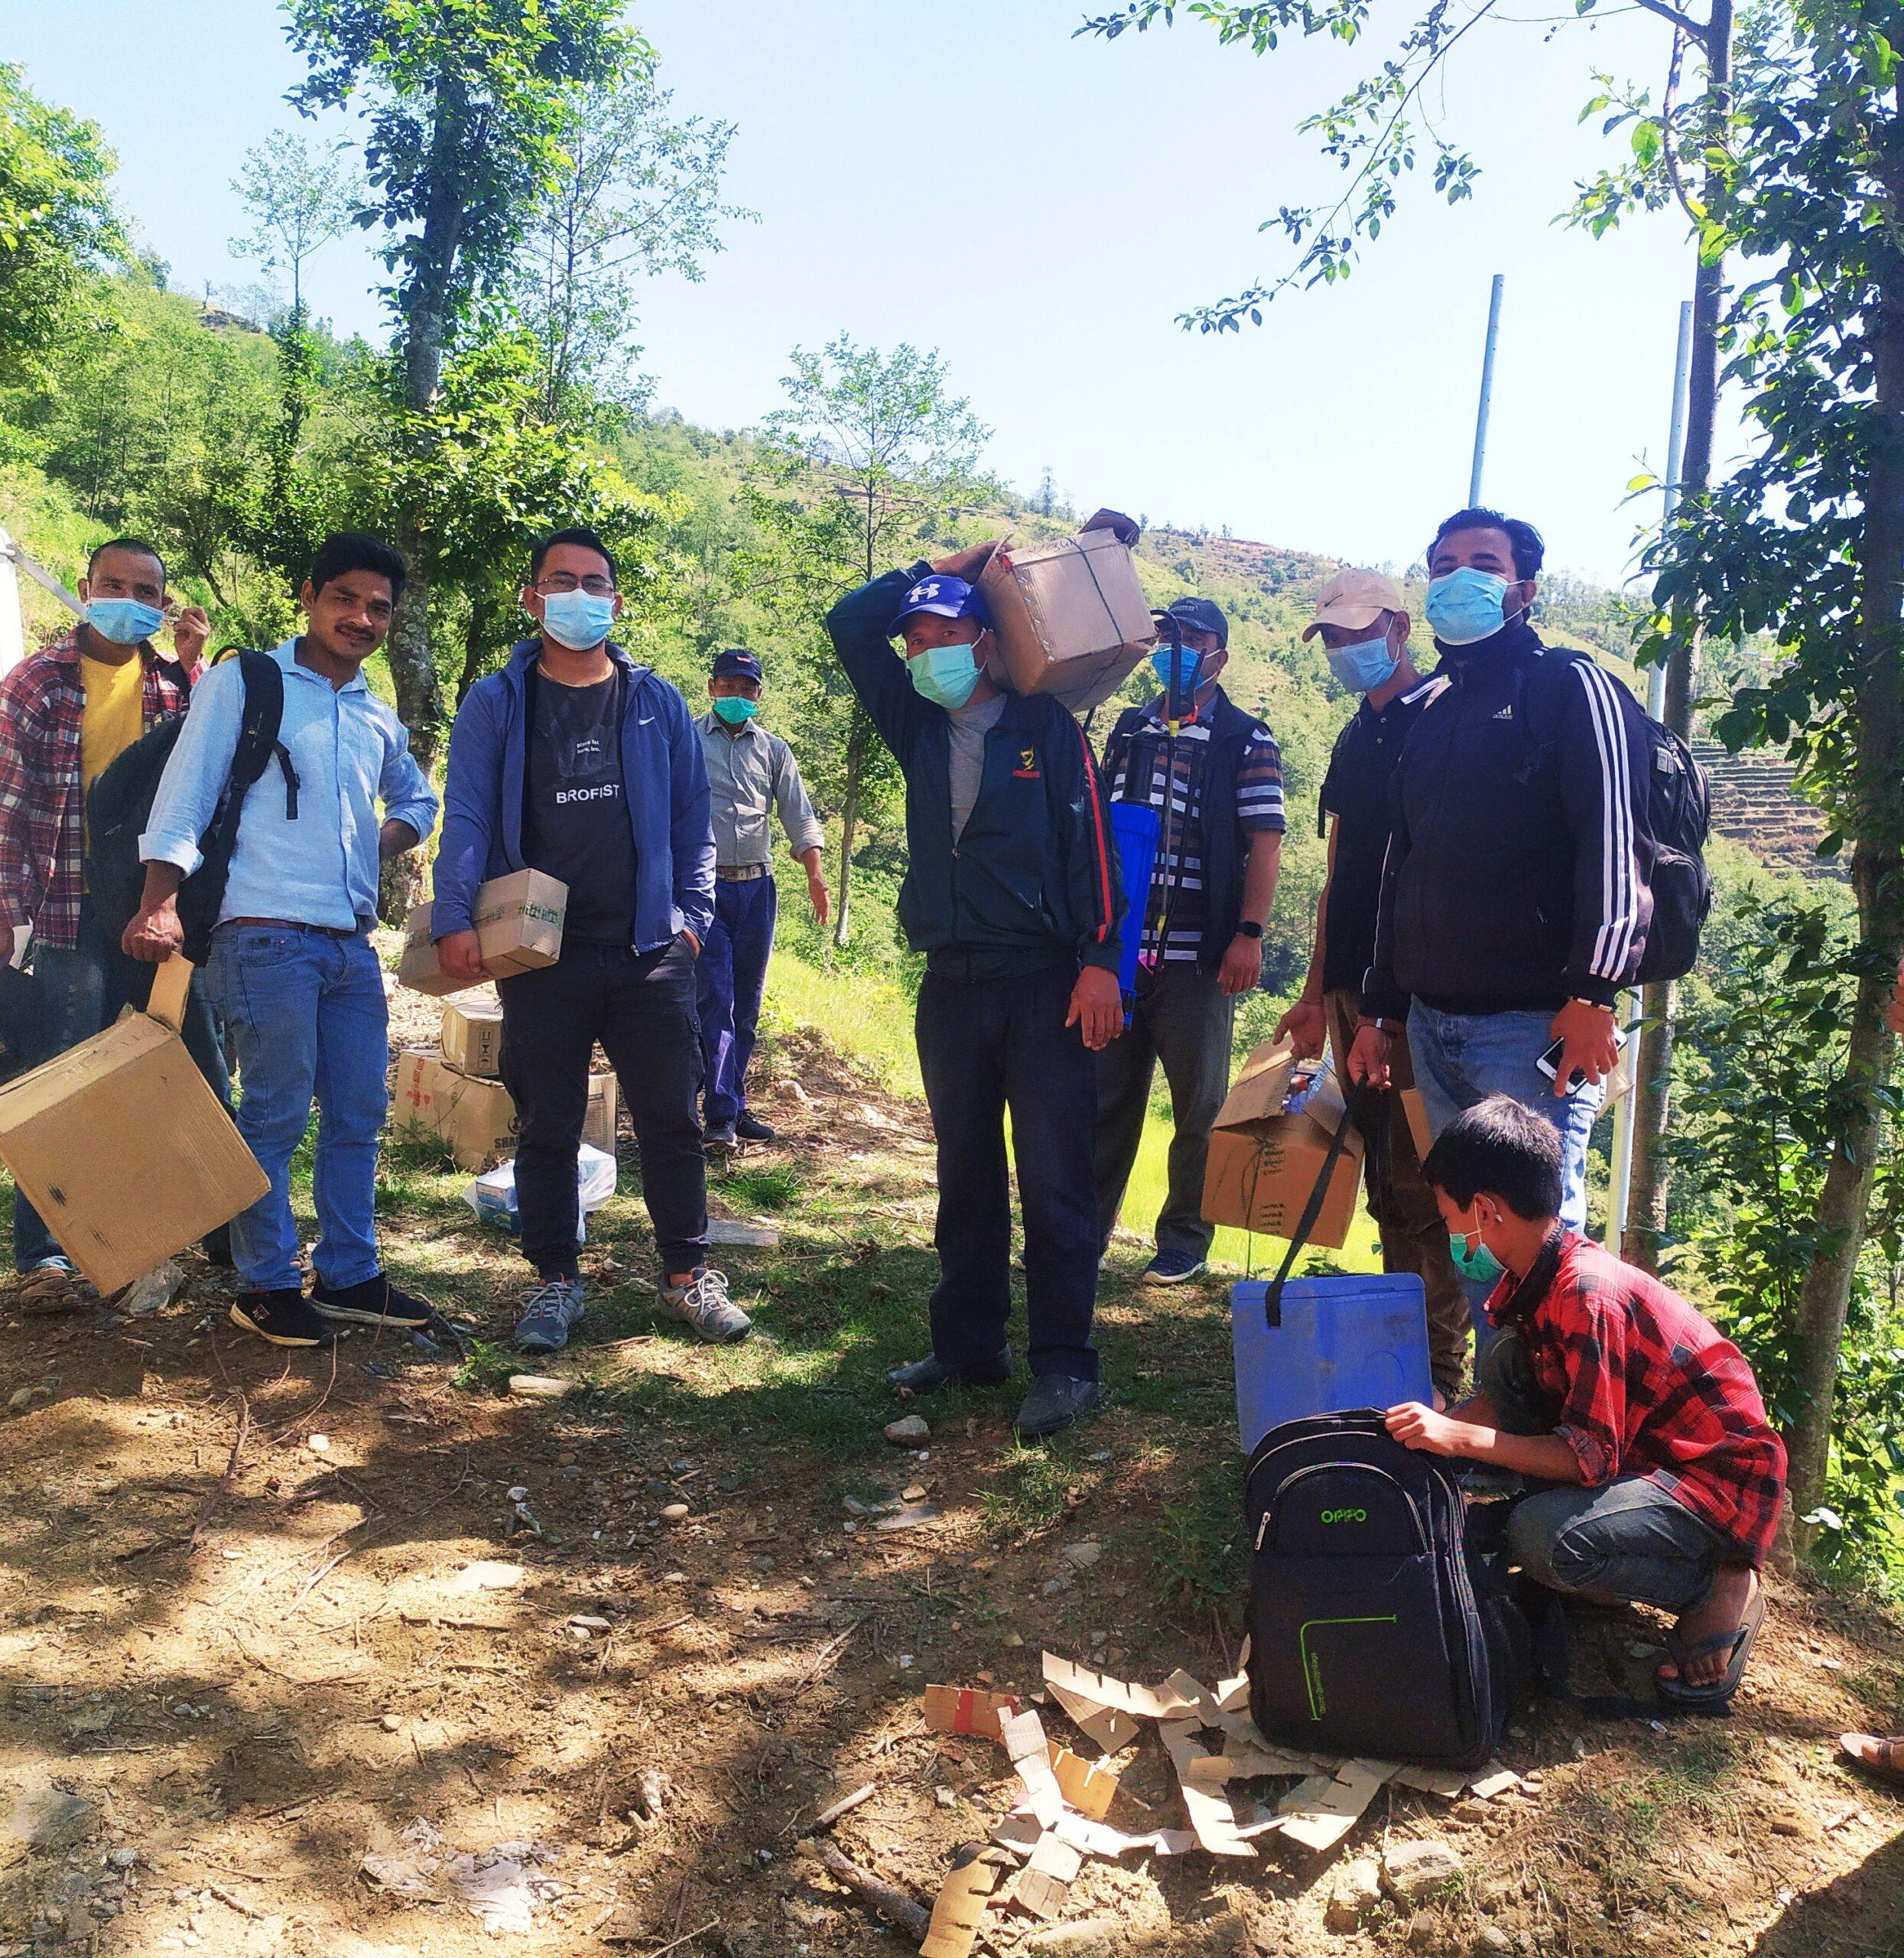 महाबुका स्वास्थ्यकर्मी औषधि बोकेर गाउँ, गाउँमा